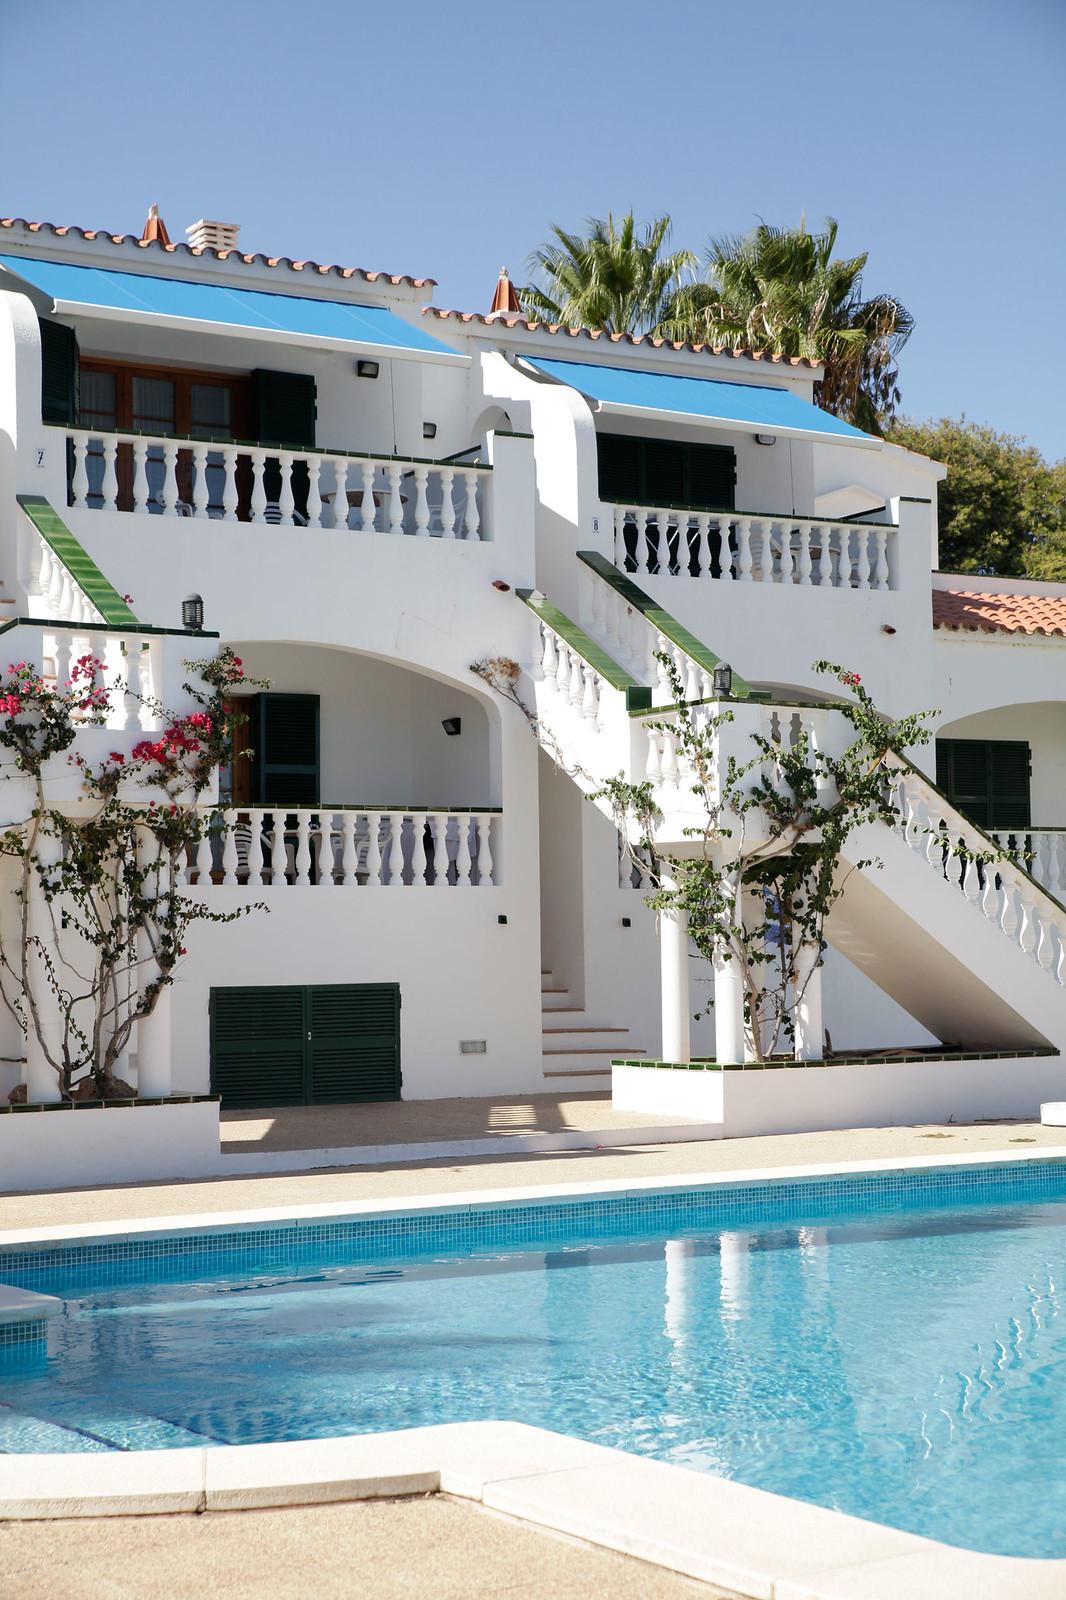 06_jamaica_apartamentos_menorca_vacaciones_en_familia_theguestgirl_travel_post_travel_viajar_fornells_menorca_the_guest_girl